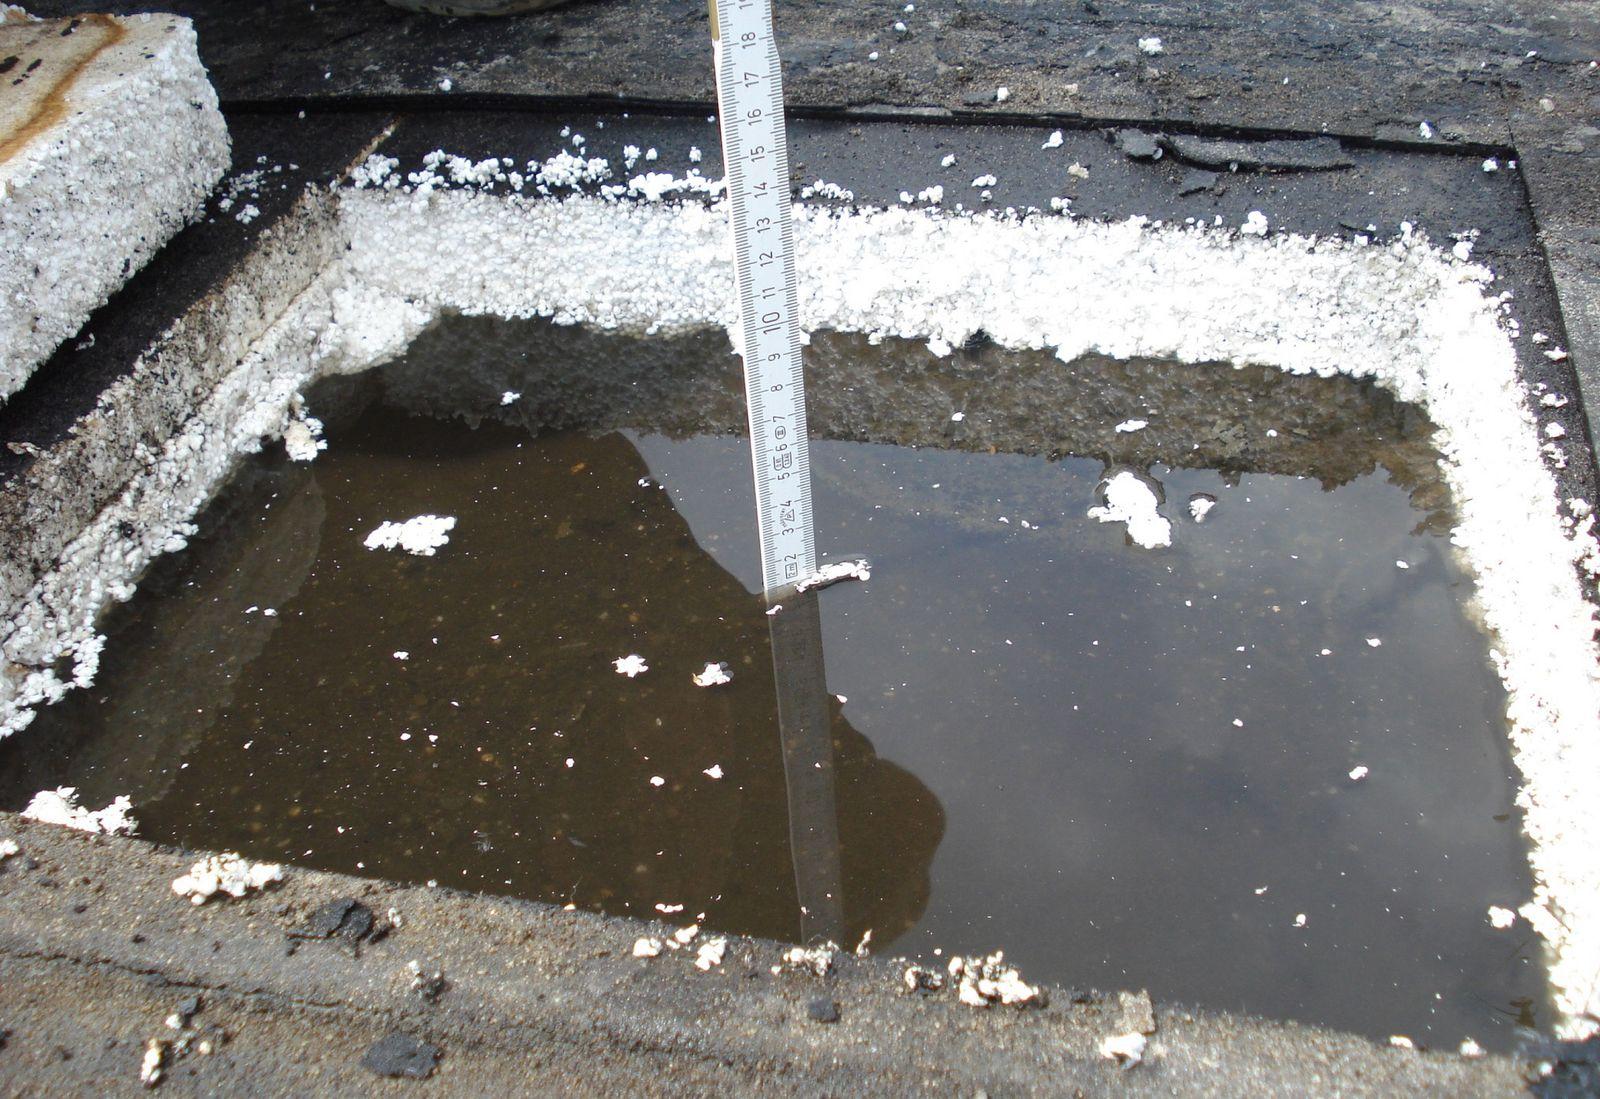 Bei vorbereitenden Untersuchung zur Grundinstandsetzung wurde stehendes Wasser unterhalb der Abdichtungsebene auf dem Dach entdeckt. Foto: David Chipperfield Architects für das Bundesamt für Bauwesen und Raumordnung (BBR)